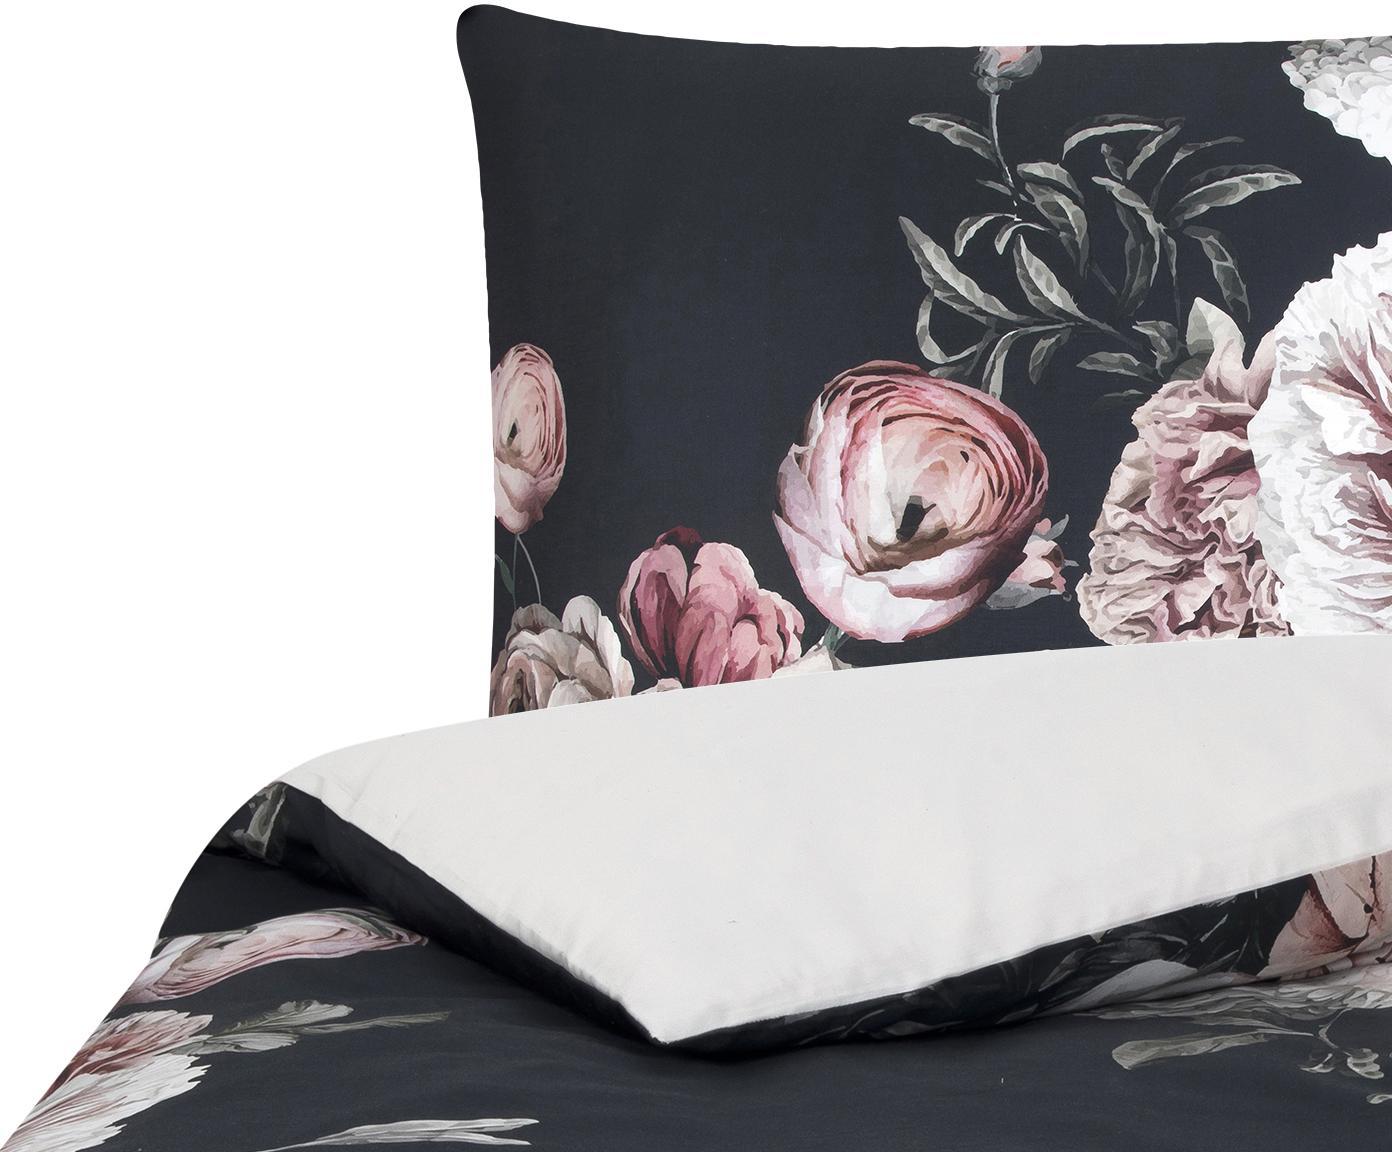 Baumwollsatin-Bettwäsche Blossom mit Blumen-Print, Webart: Satin Fadendichte 210 TC,, Mehrfarbig, Schwarz, 135 x 200 cm + 1 Kissen 80 x 80 cm